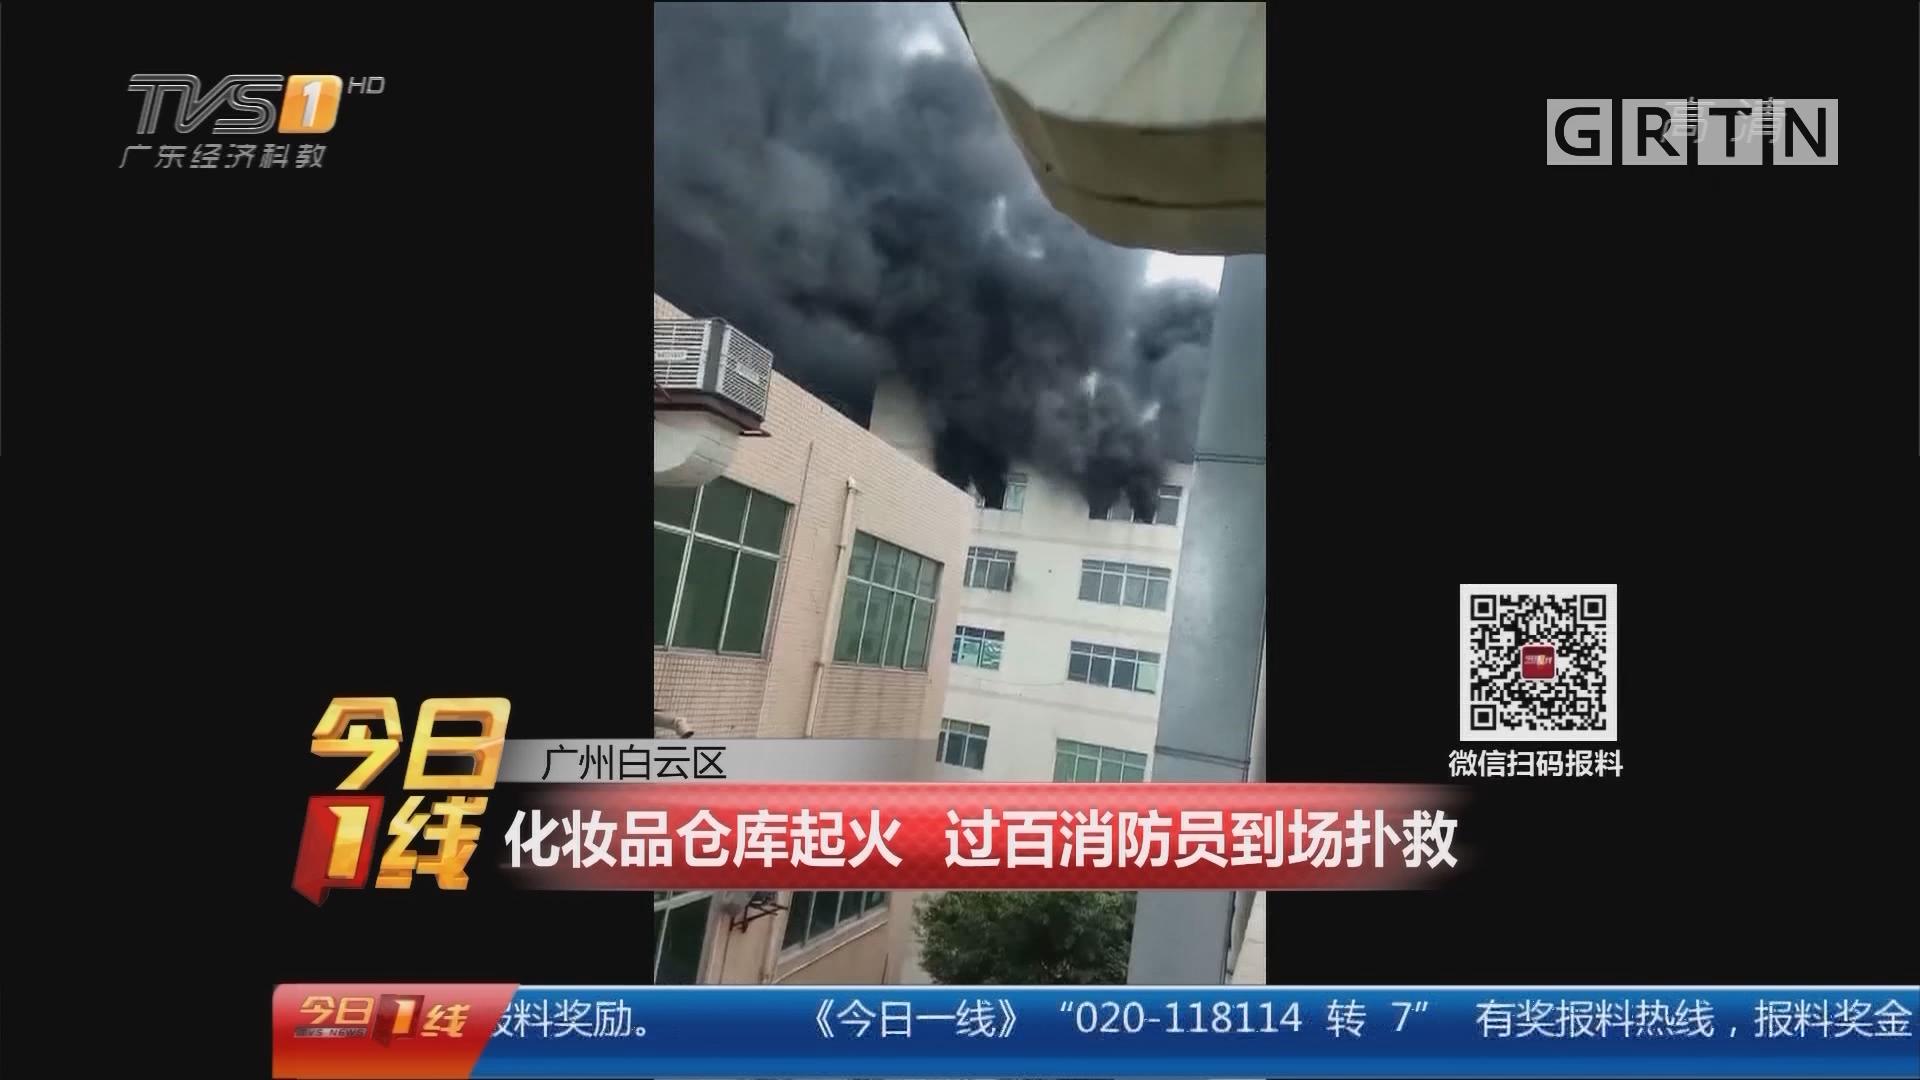 广州白云区:化妆品仓库起火 过百消防员到场扑救